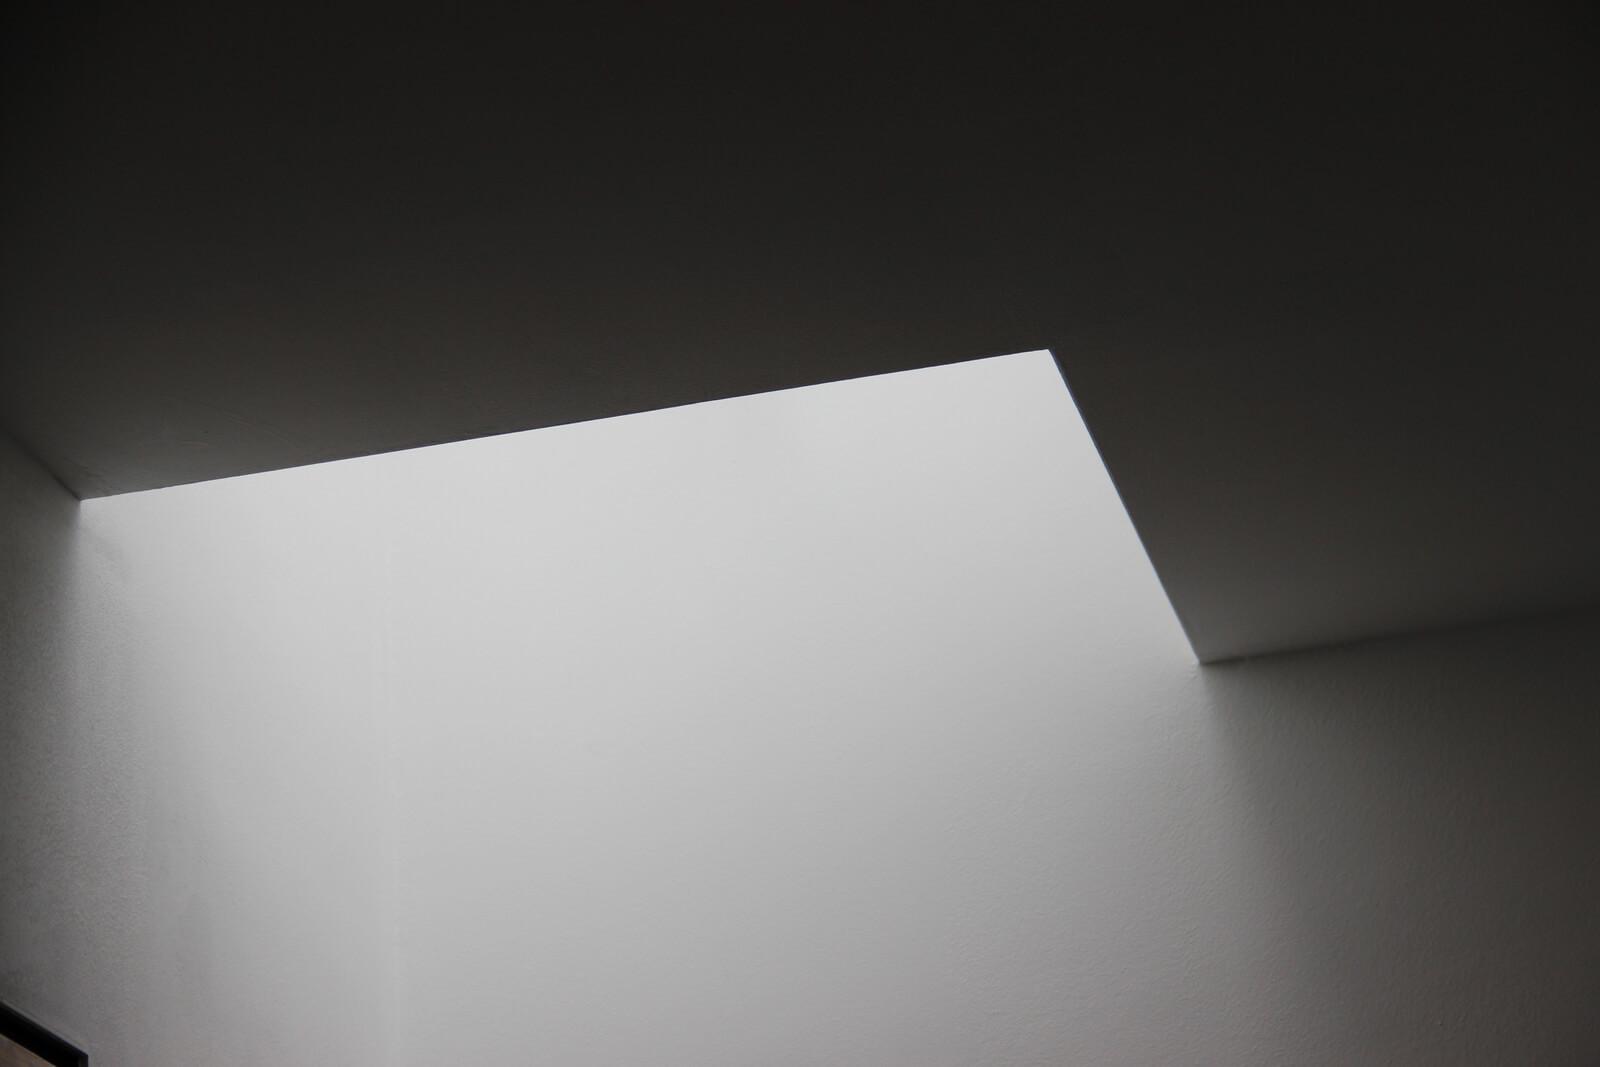 Tageslicht in einem engen und dunklen Gebäude durch eine Lichtstraße